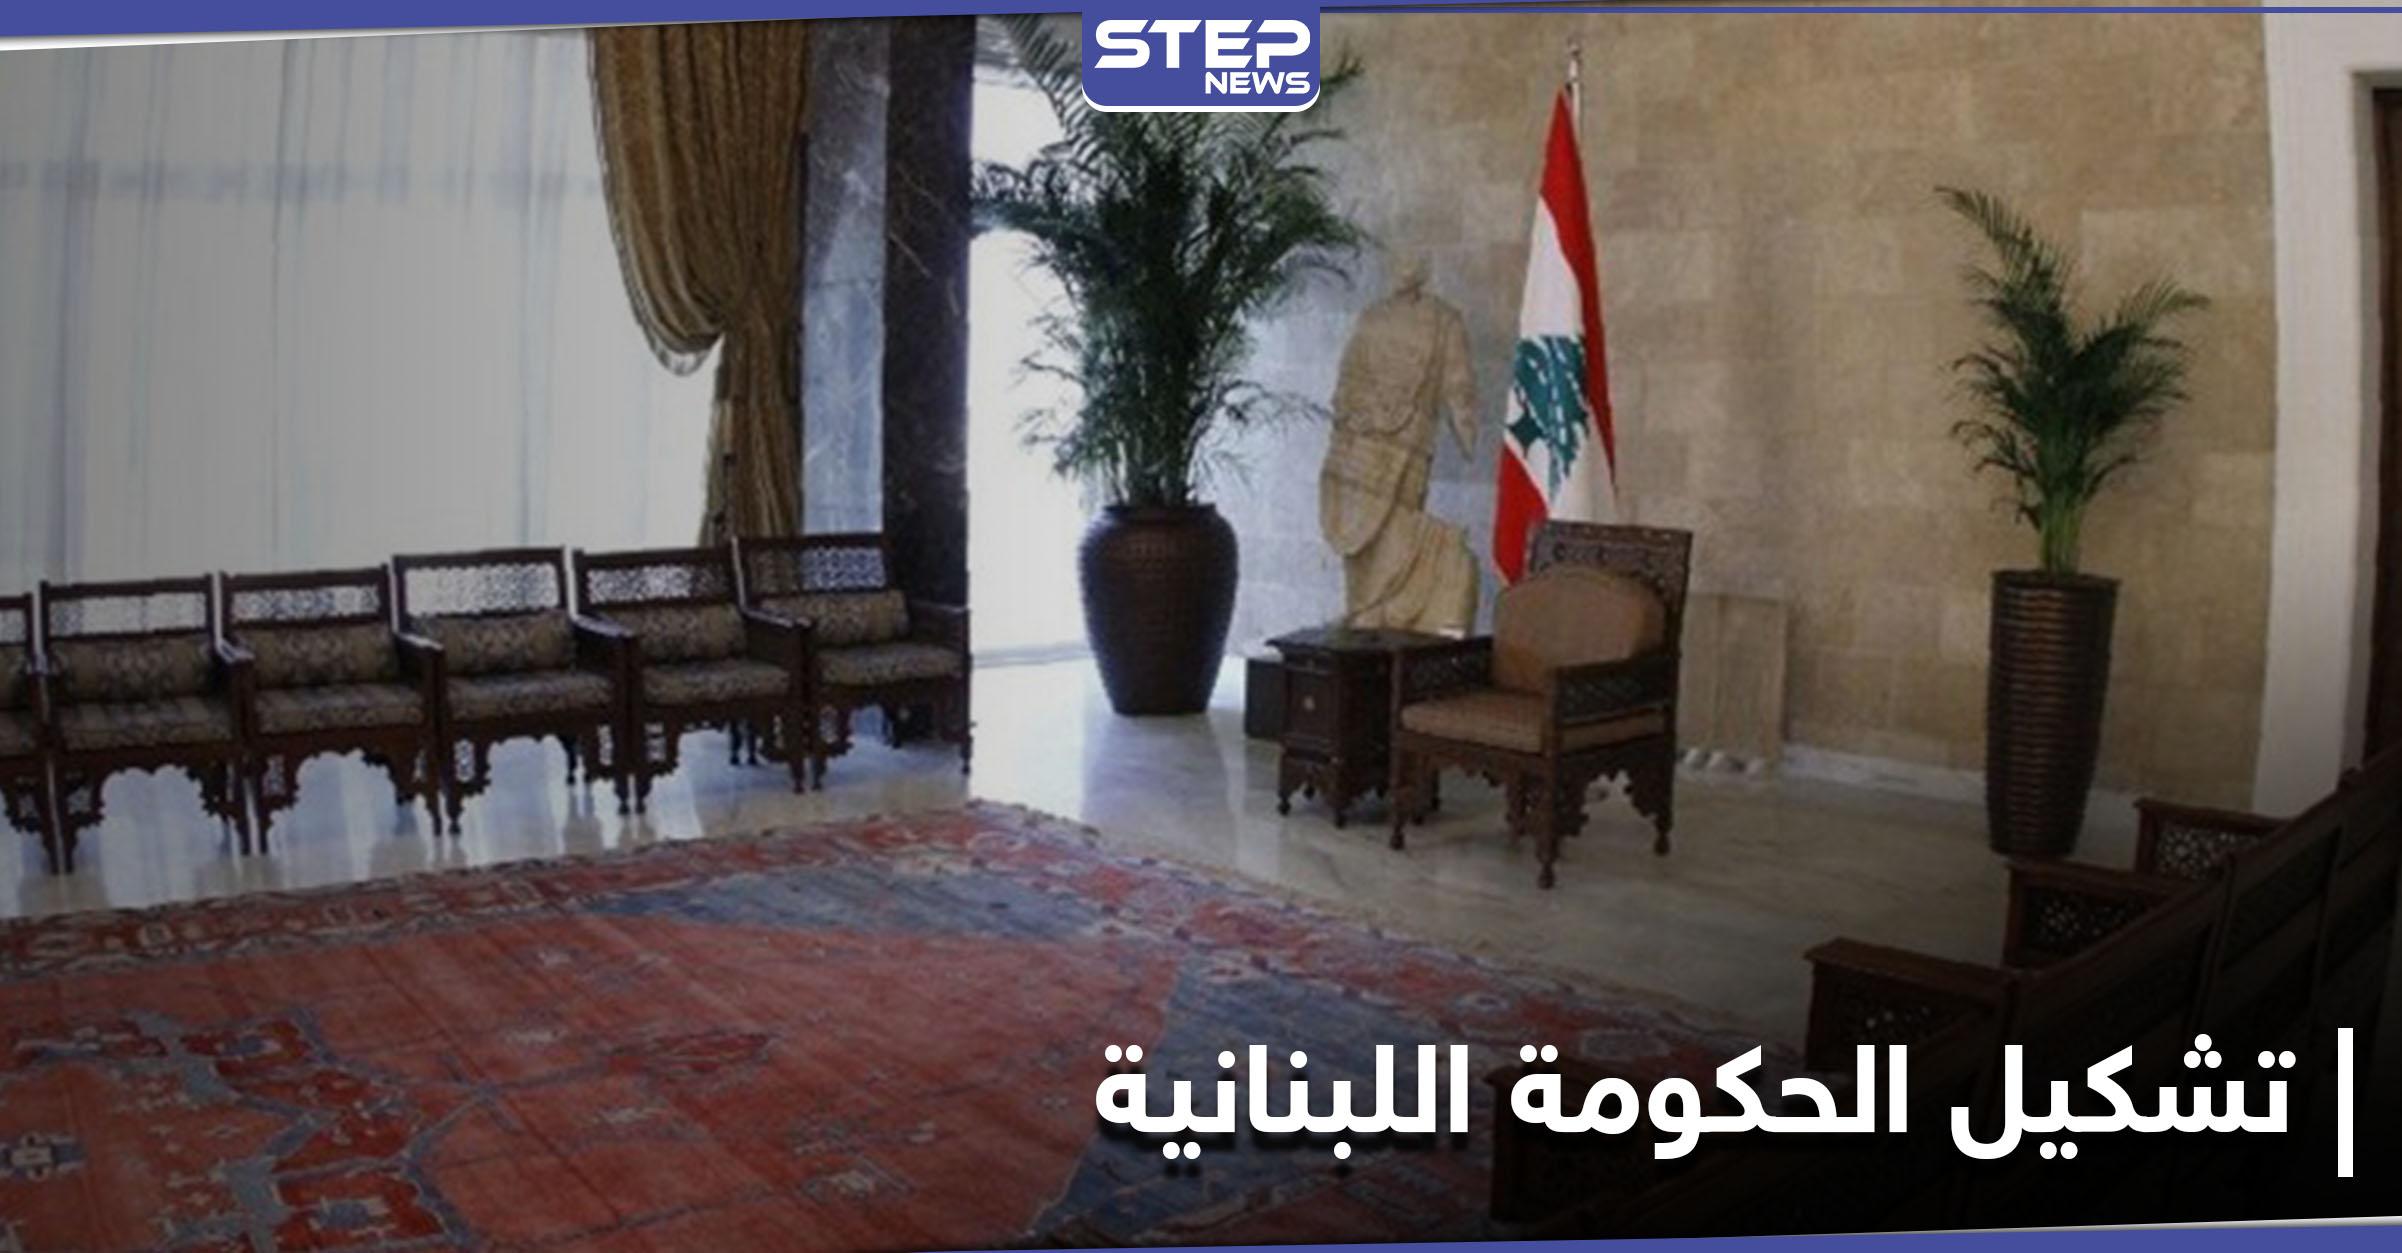 الرئاسة اللبنانية تبرئ حزب الله وباسيل وتكشف مصير تشكيل الحكومة